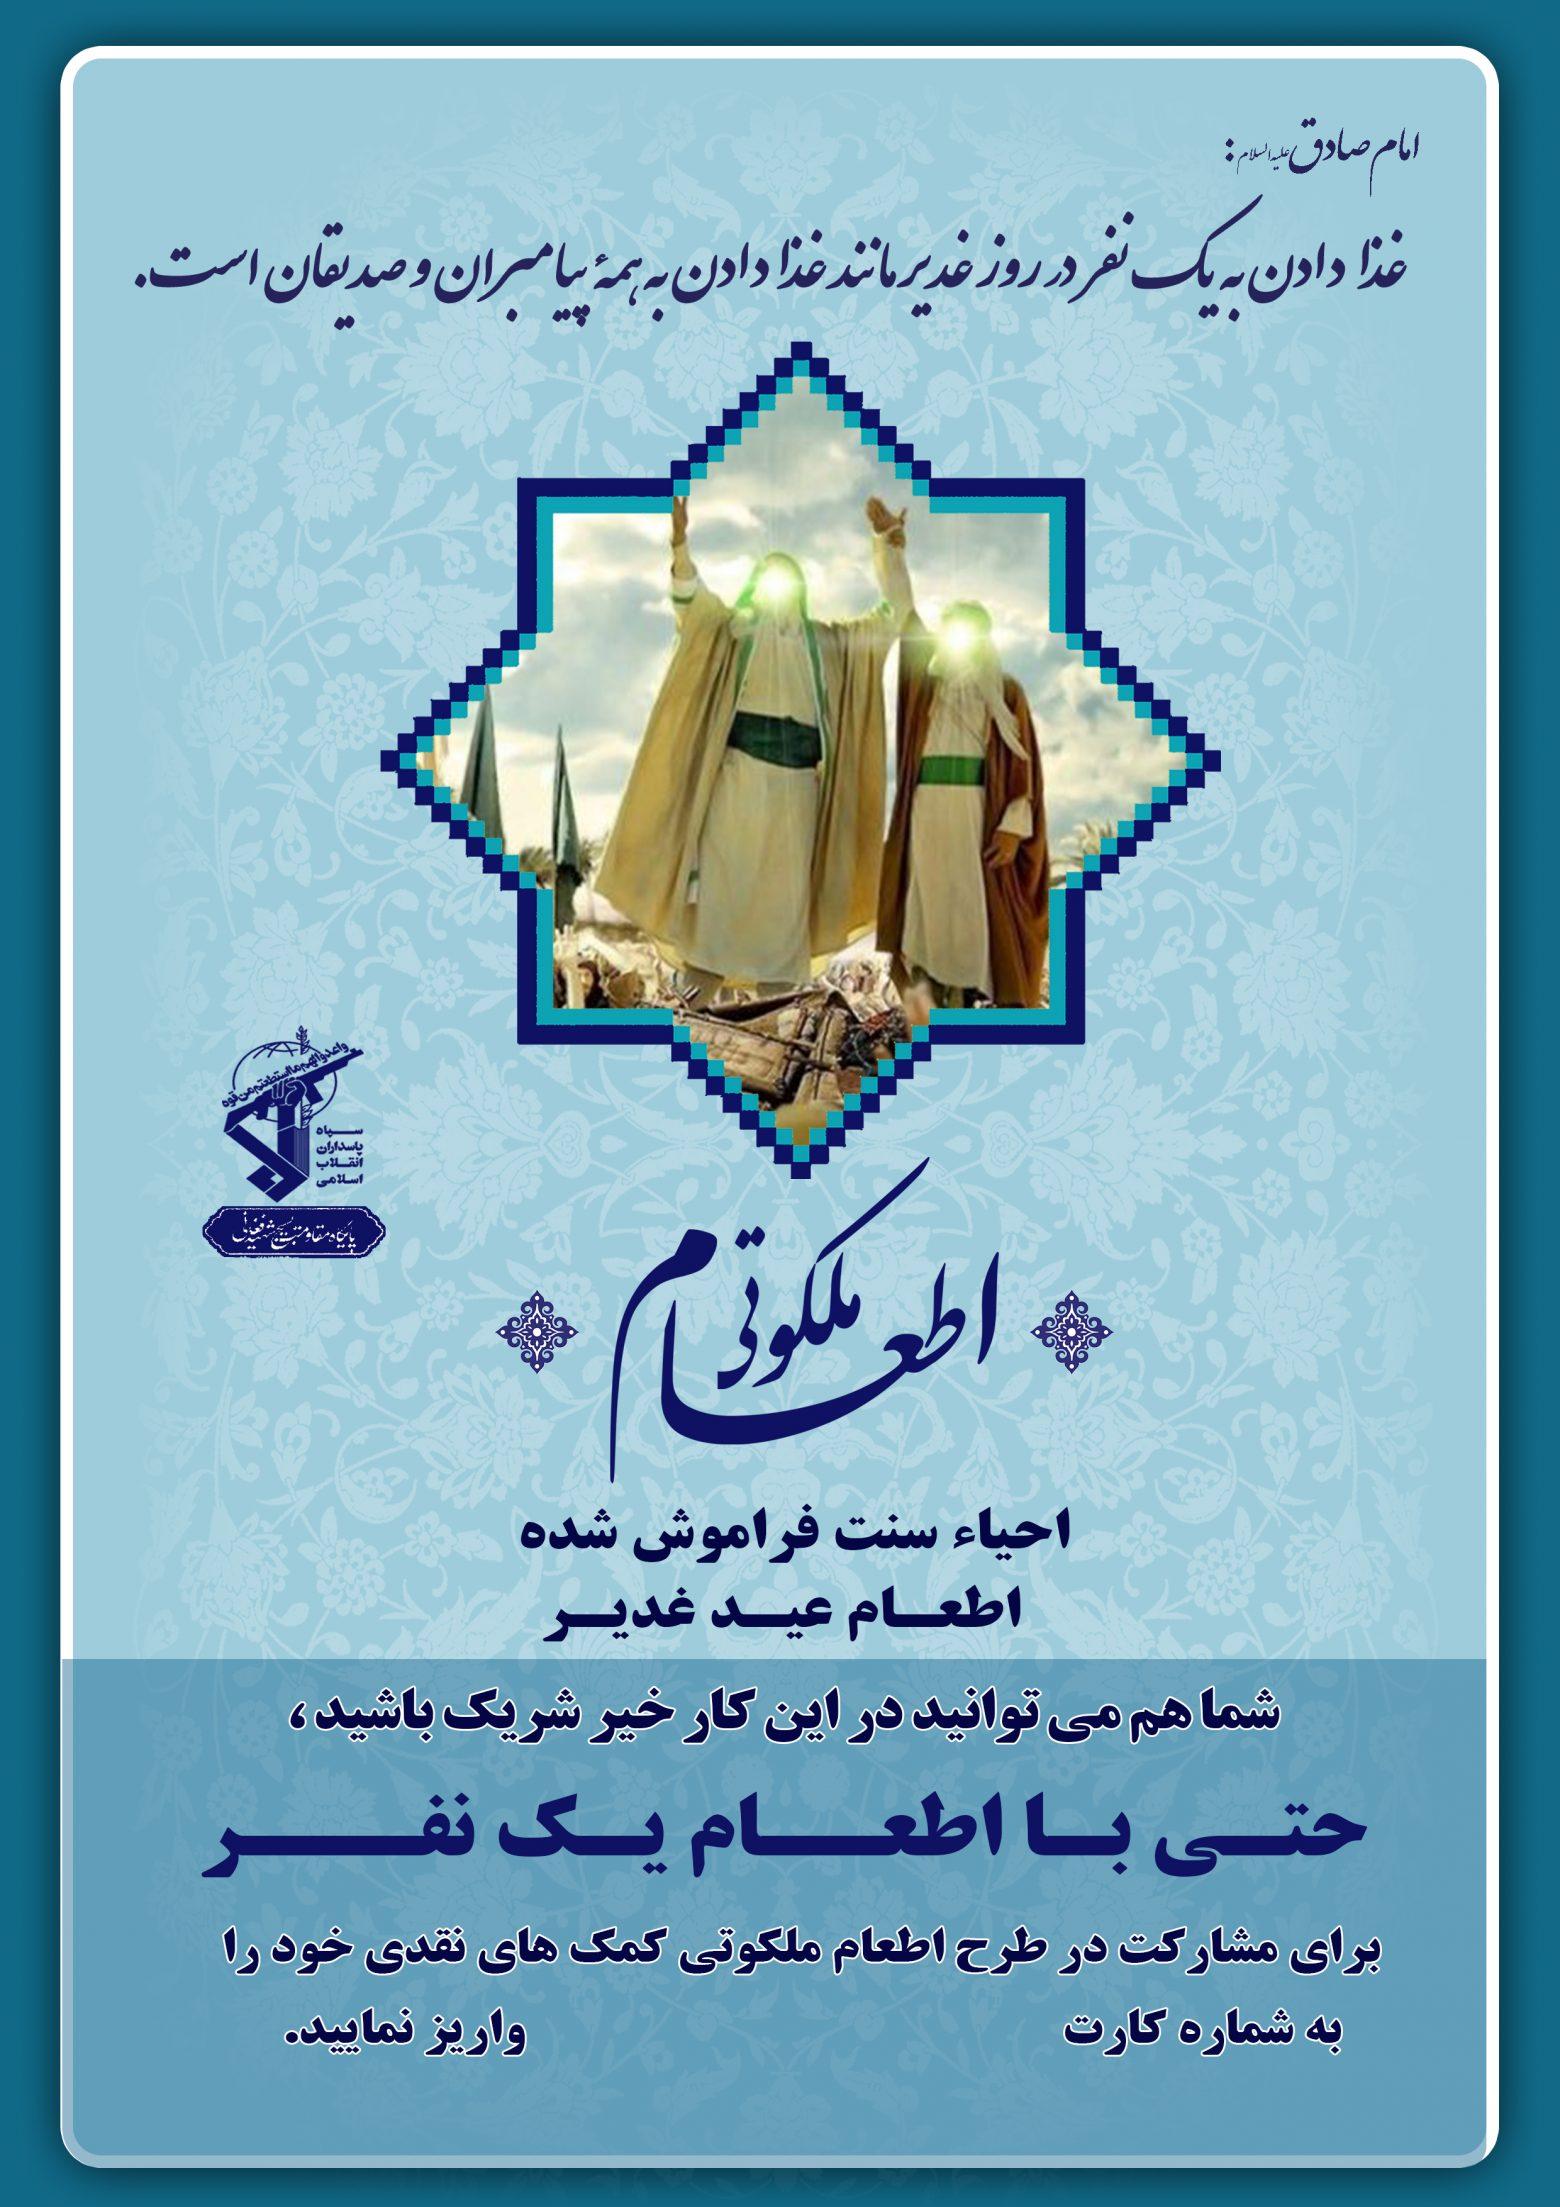 طرح اطعام عید غدیر jpg 1560x2207 - طرح لایه باز اطعام عید غدیر